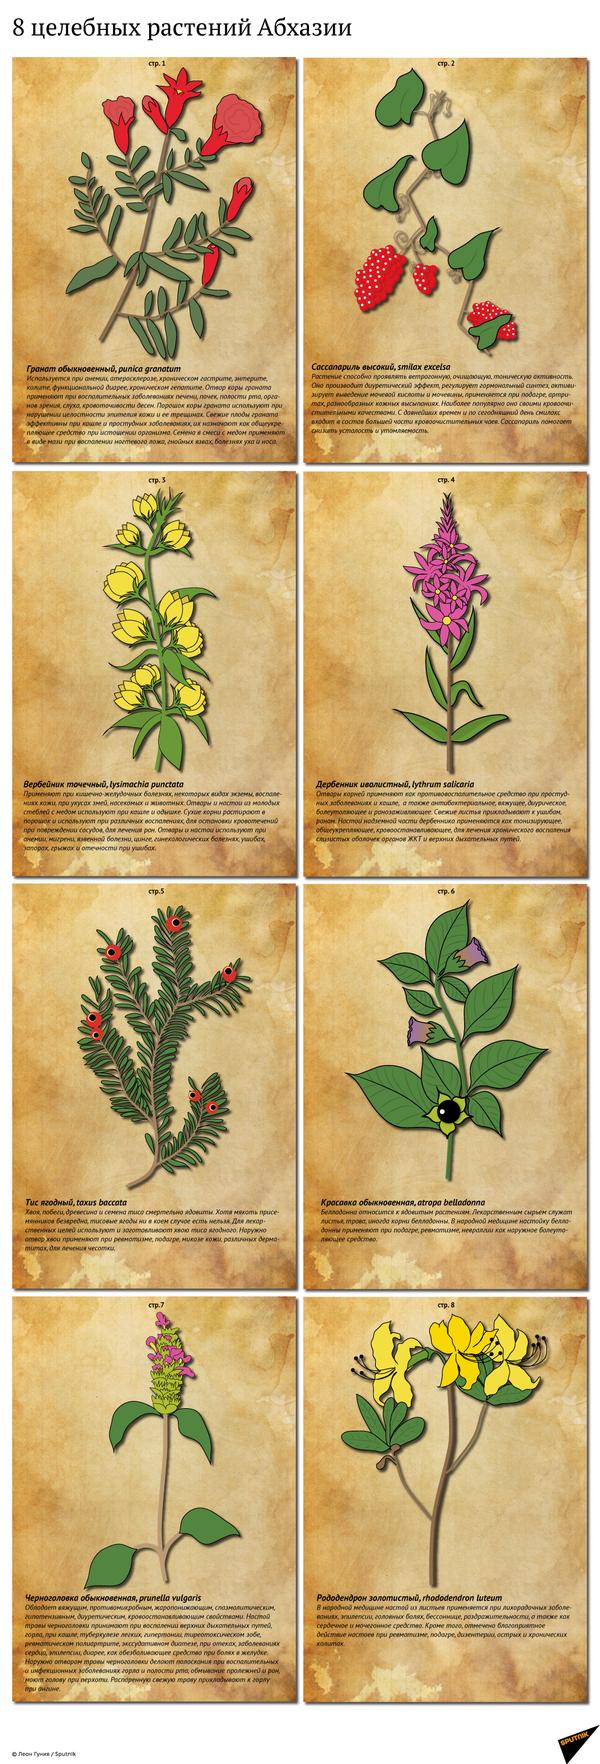 8 целебных растений Абхазии - Sputnik Абхазия